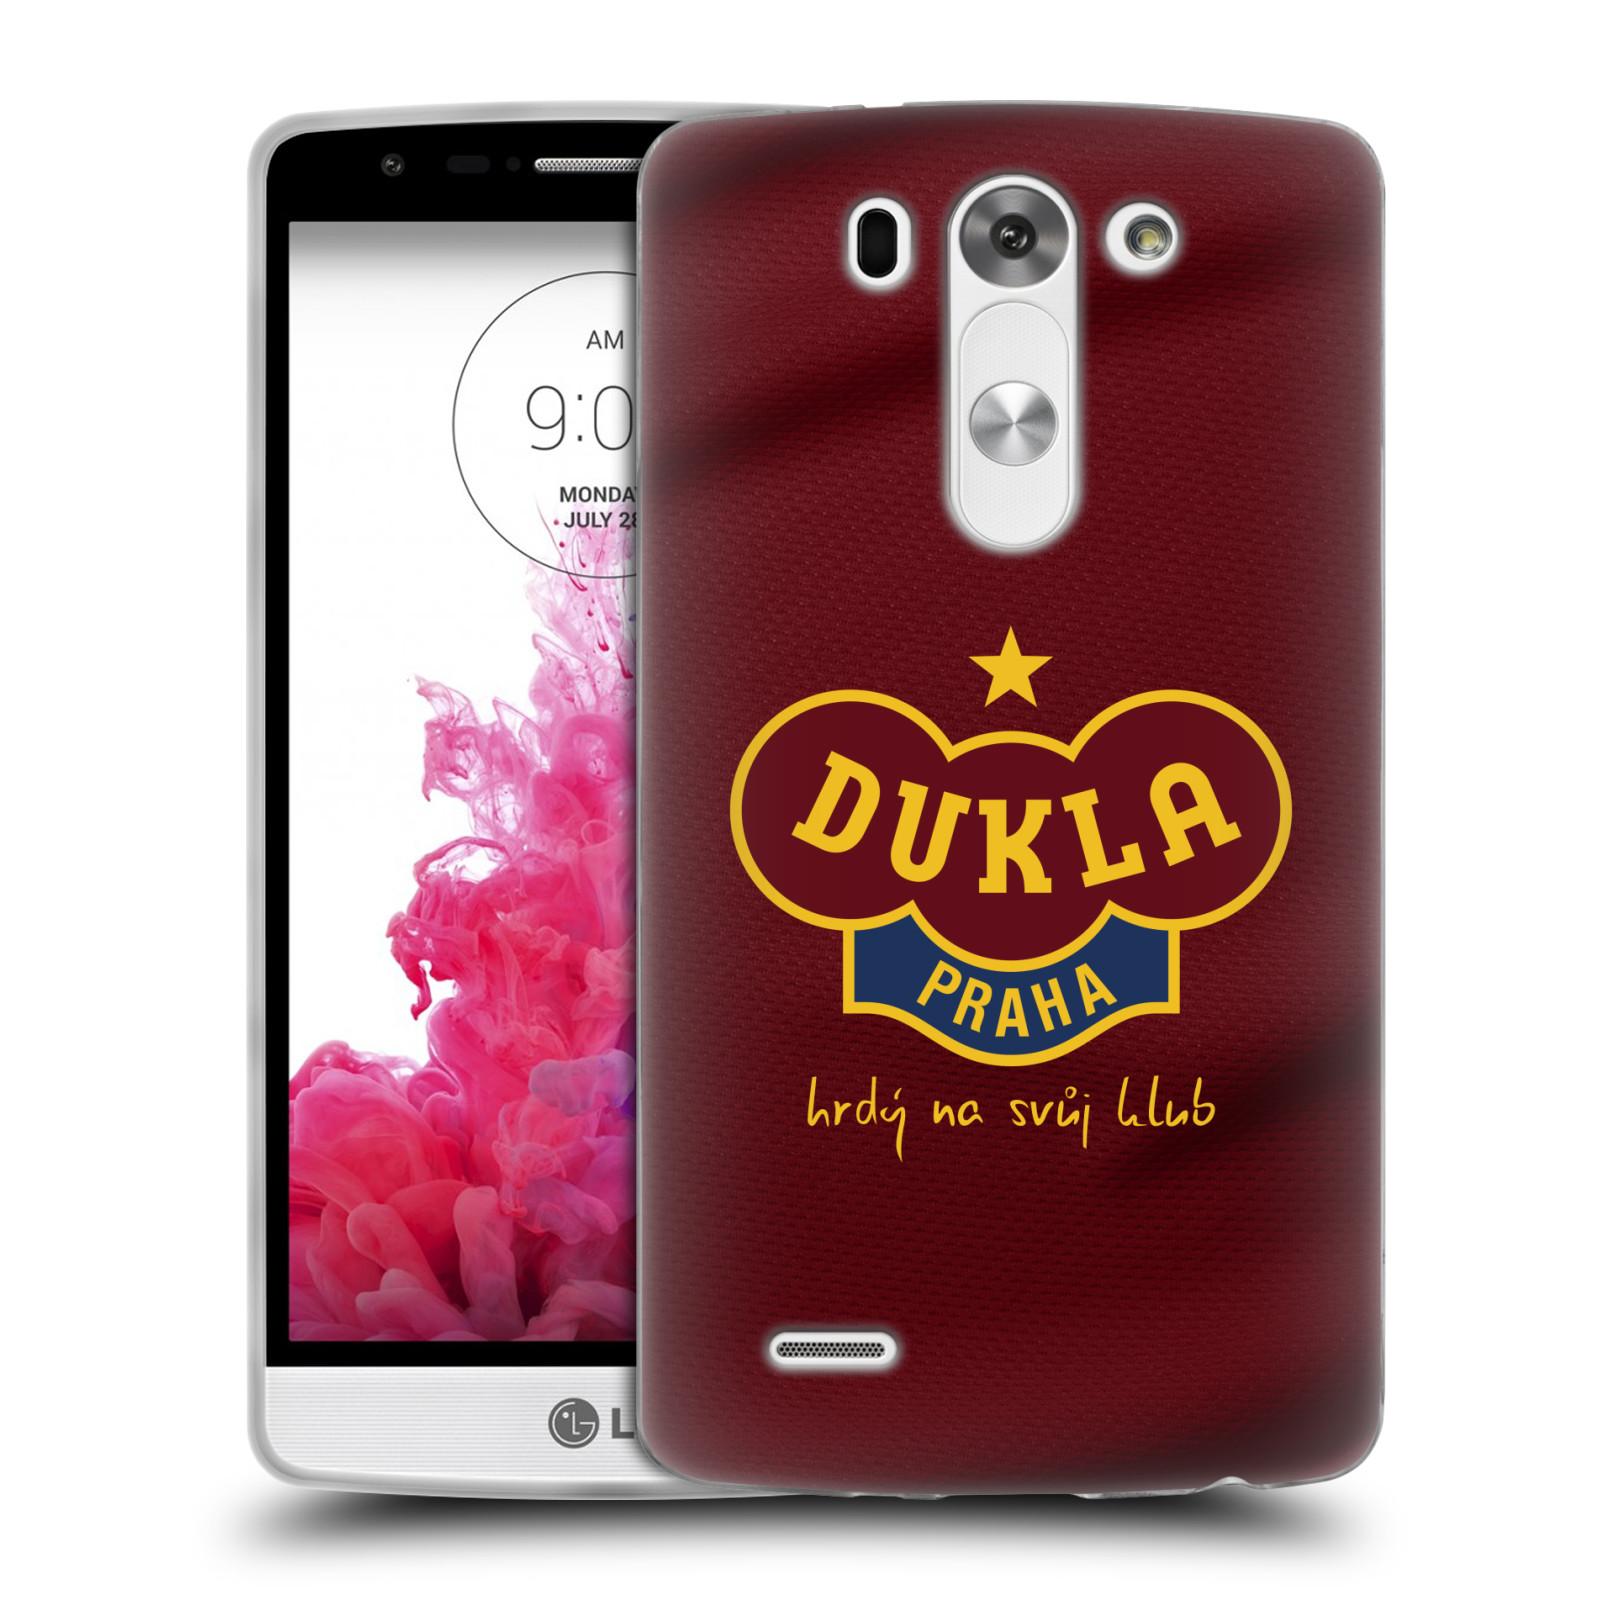 Silikonové pouzdro na mobil LG G3s - FK Dukla Praha - Vínově červený dres (Silikonový kryt či obal na mobilní telefon s oficiálním motivem FK Dukla Praha - Vínově červený dres pro LG G3s)